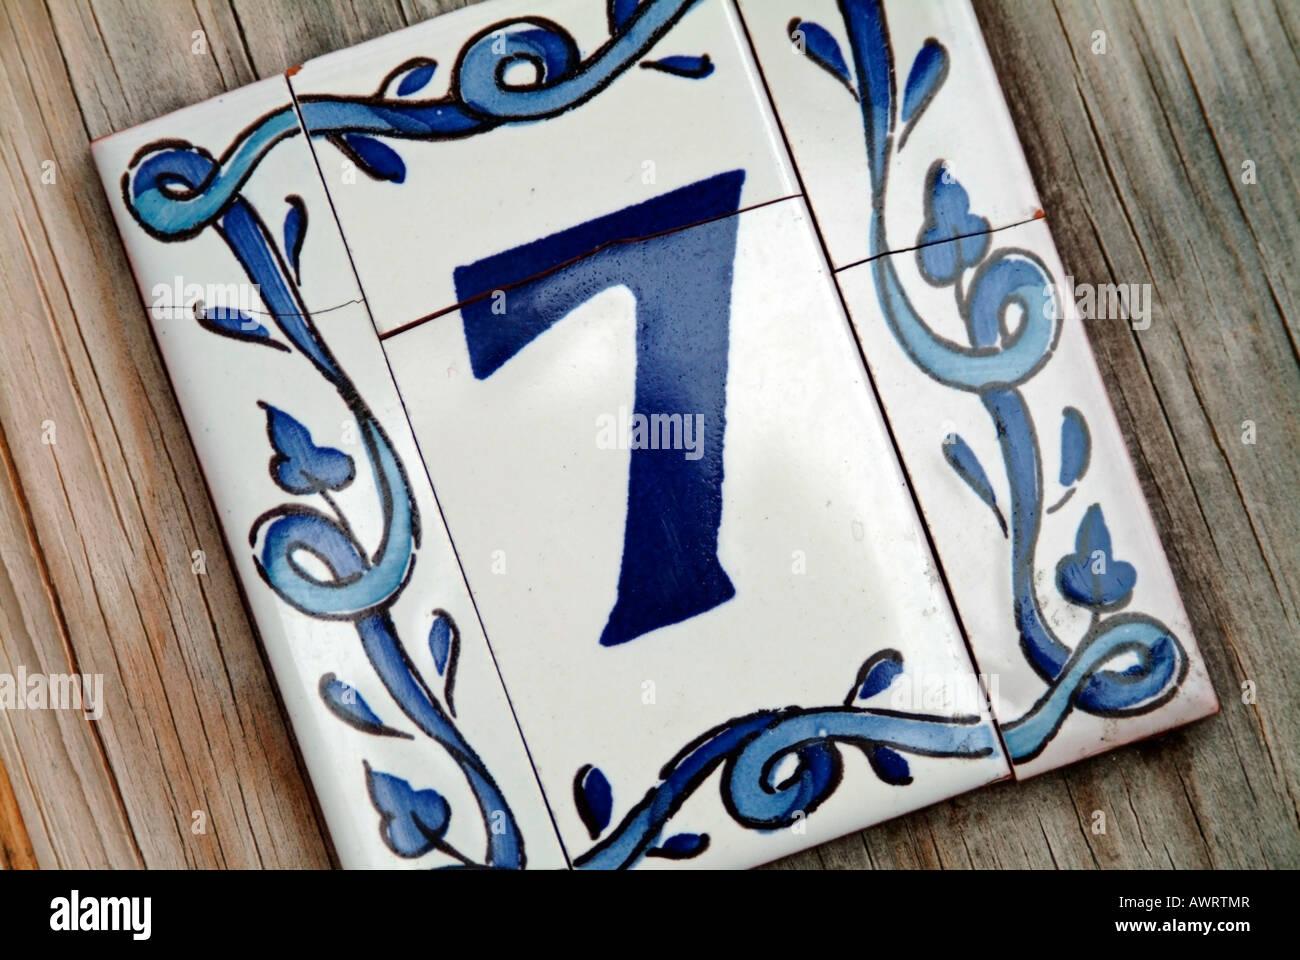 Numeri Civici In Ceramica.Numero 7 Sette Segno In Ceramica Per I Numeri Civici Foto